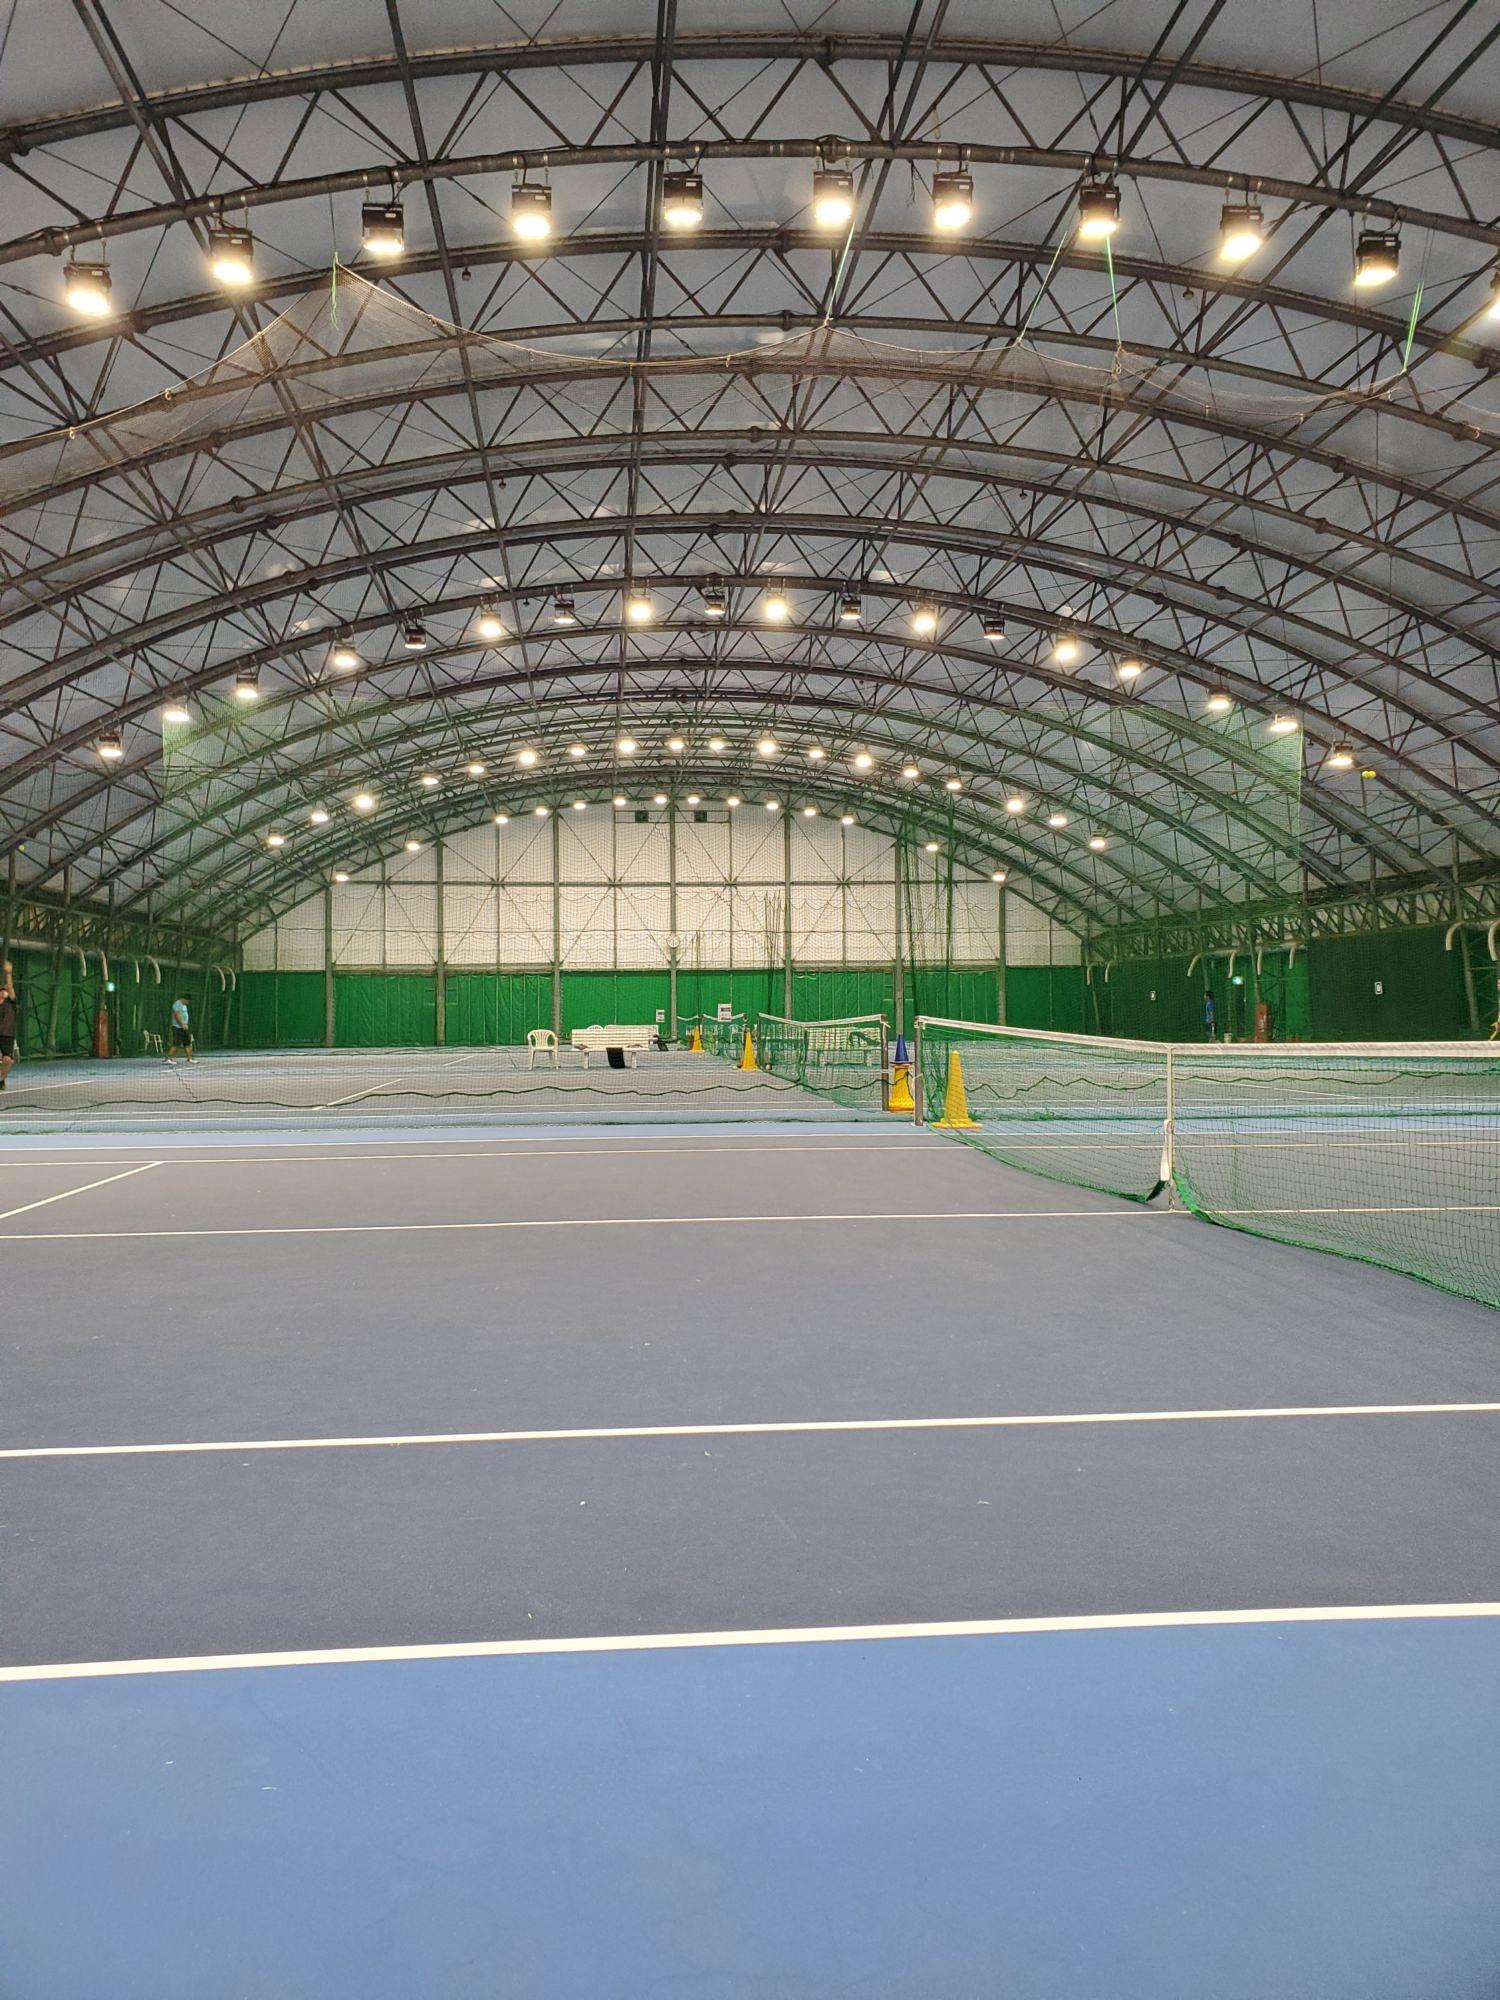 ブログ3 テニスプレイヤー